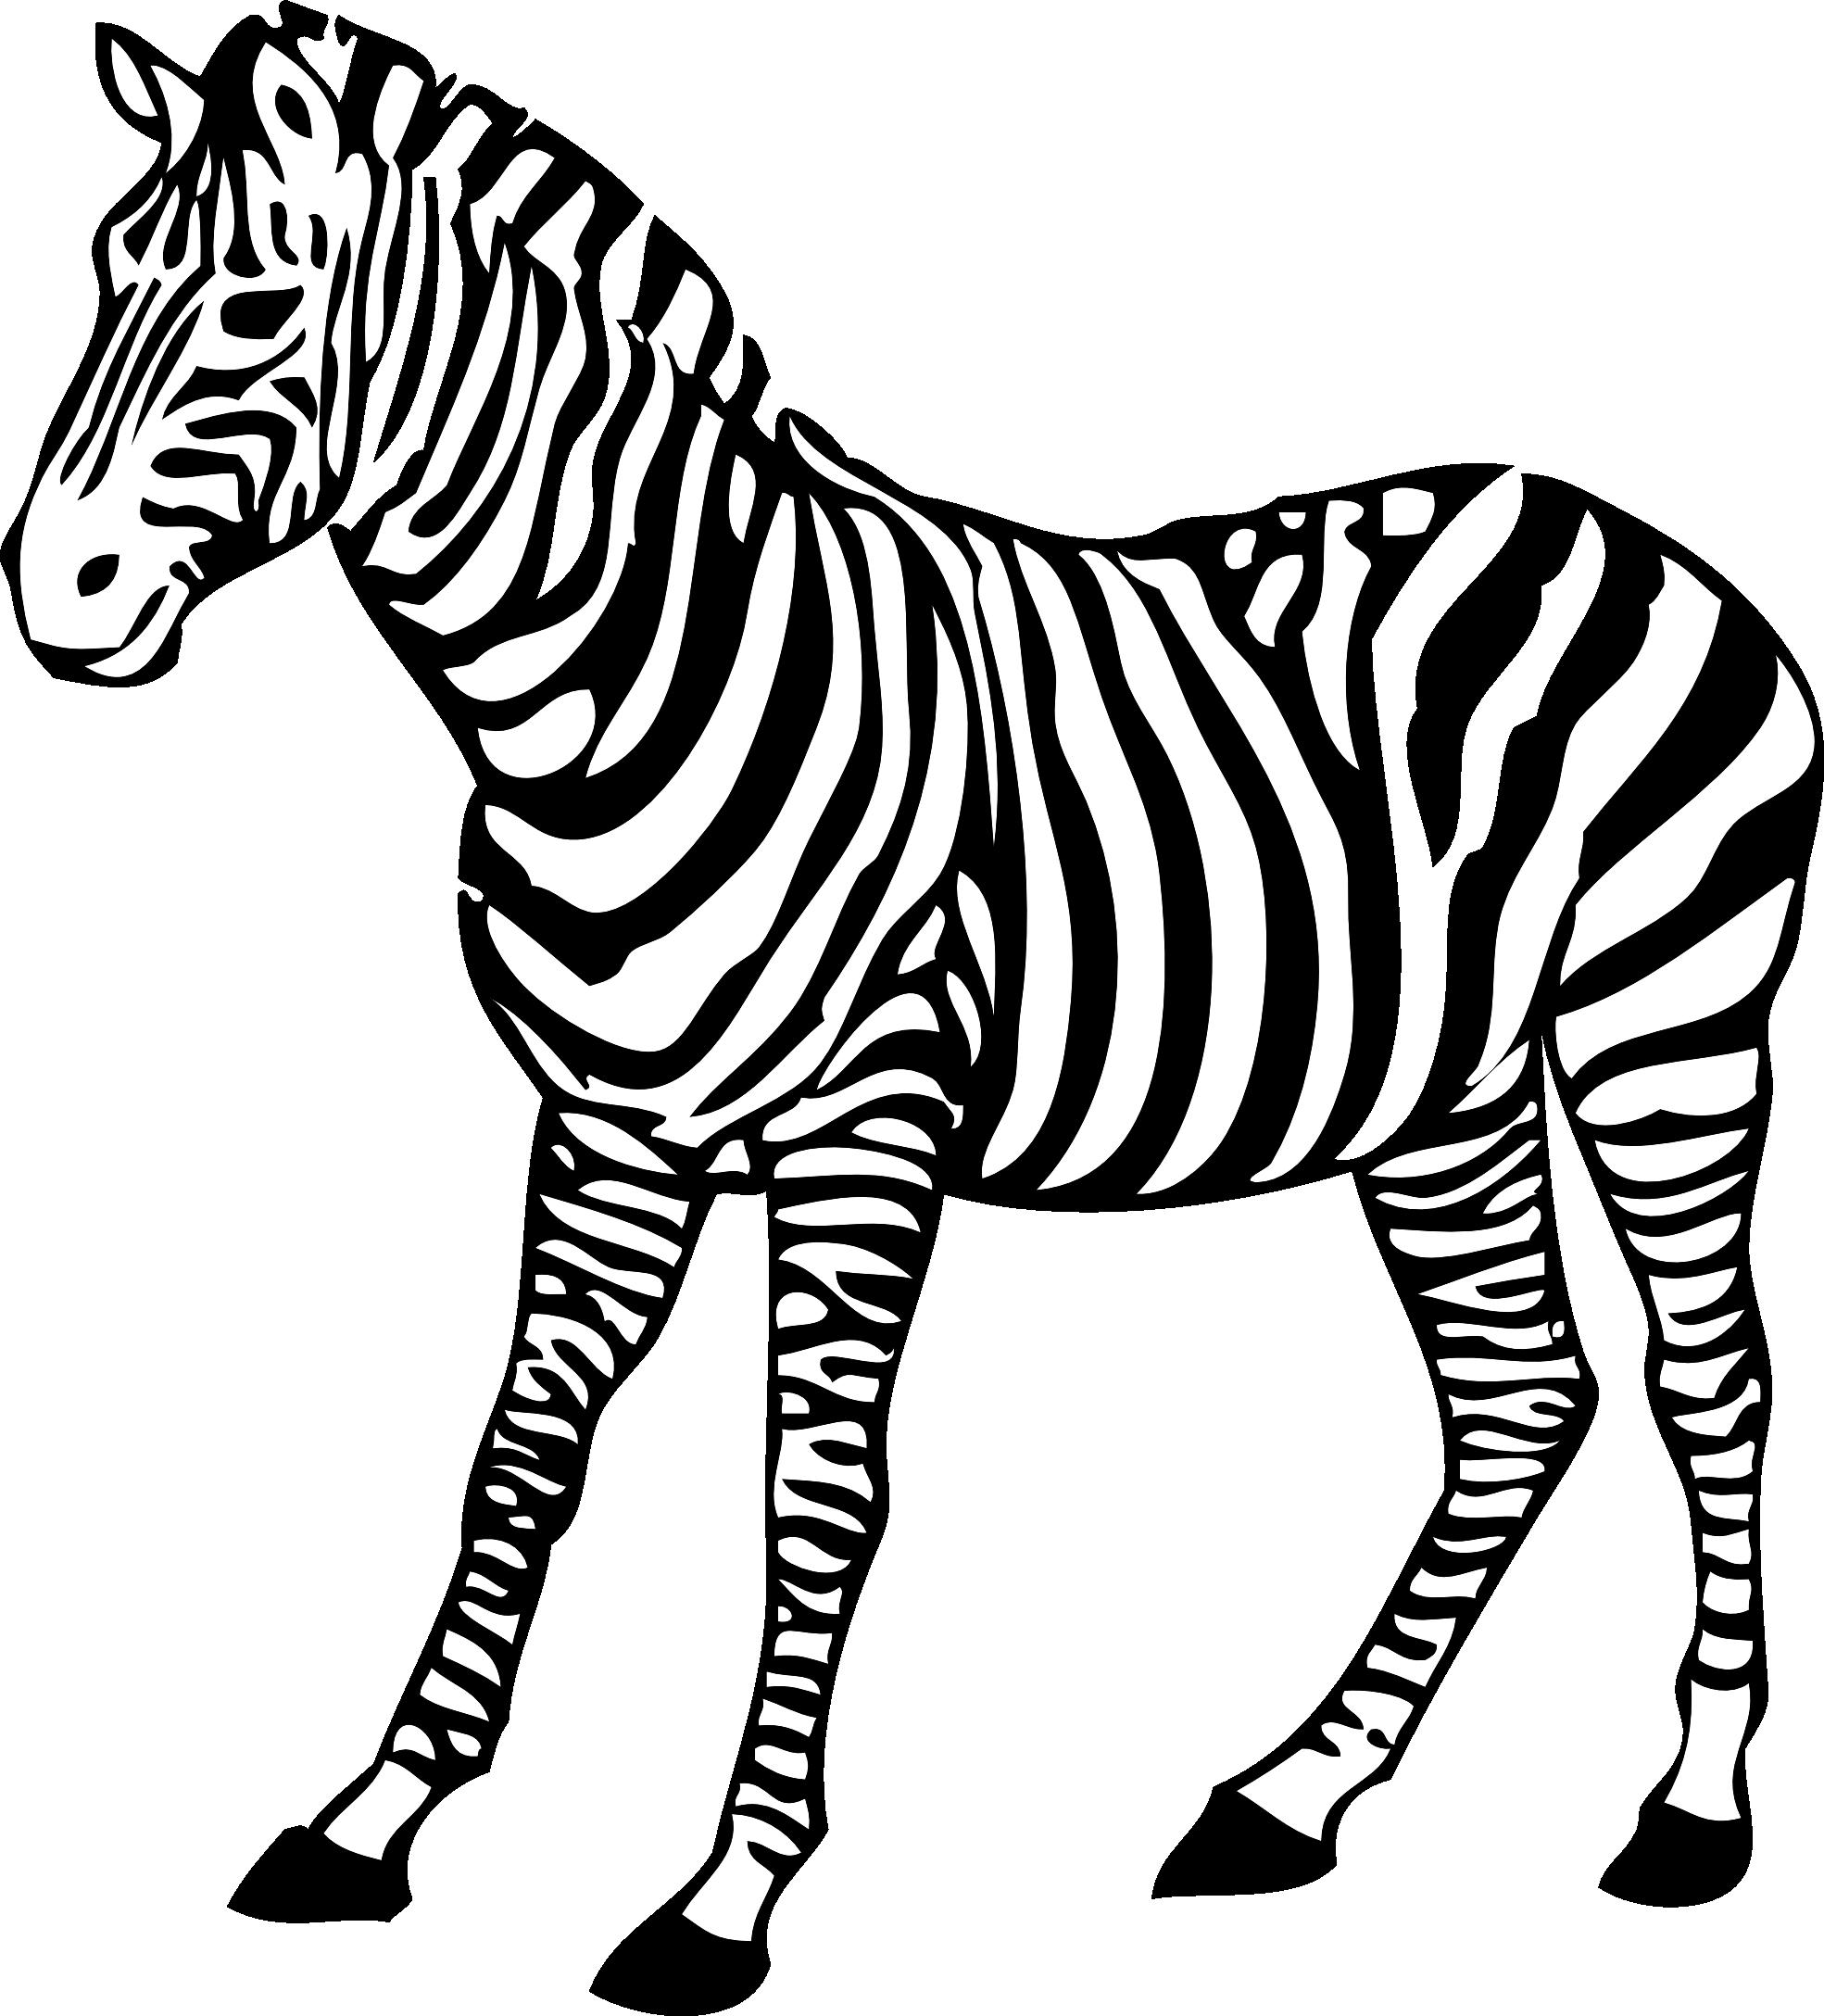 Clipart Of Zebra Black And White.